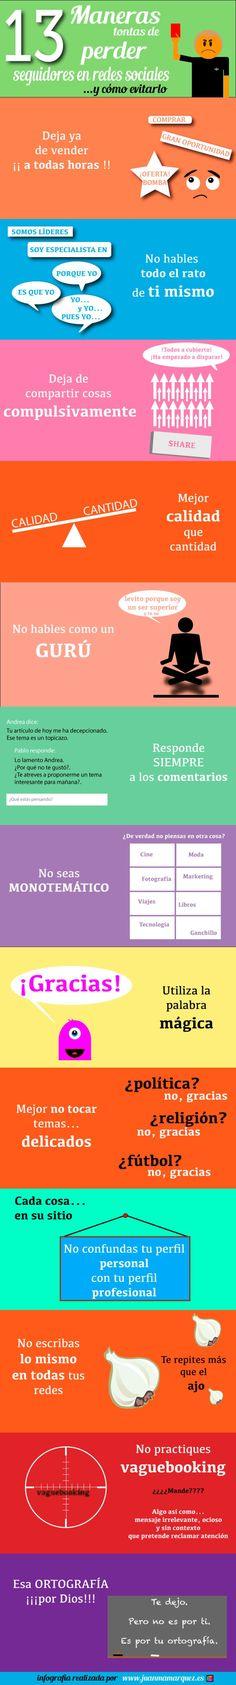 Una infografía, íntegramente en español, que nos muestra trece malas prácticas que pueden hacernos perder seguidores en las redes sociales.